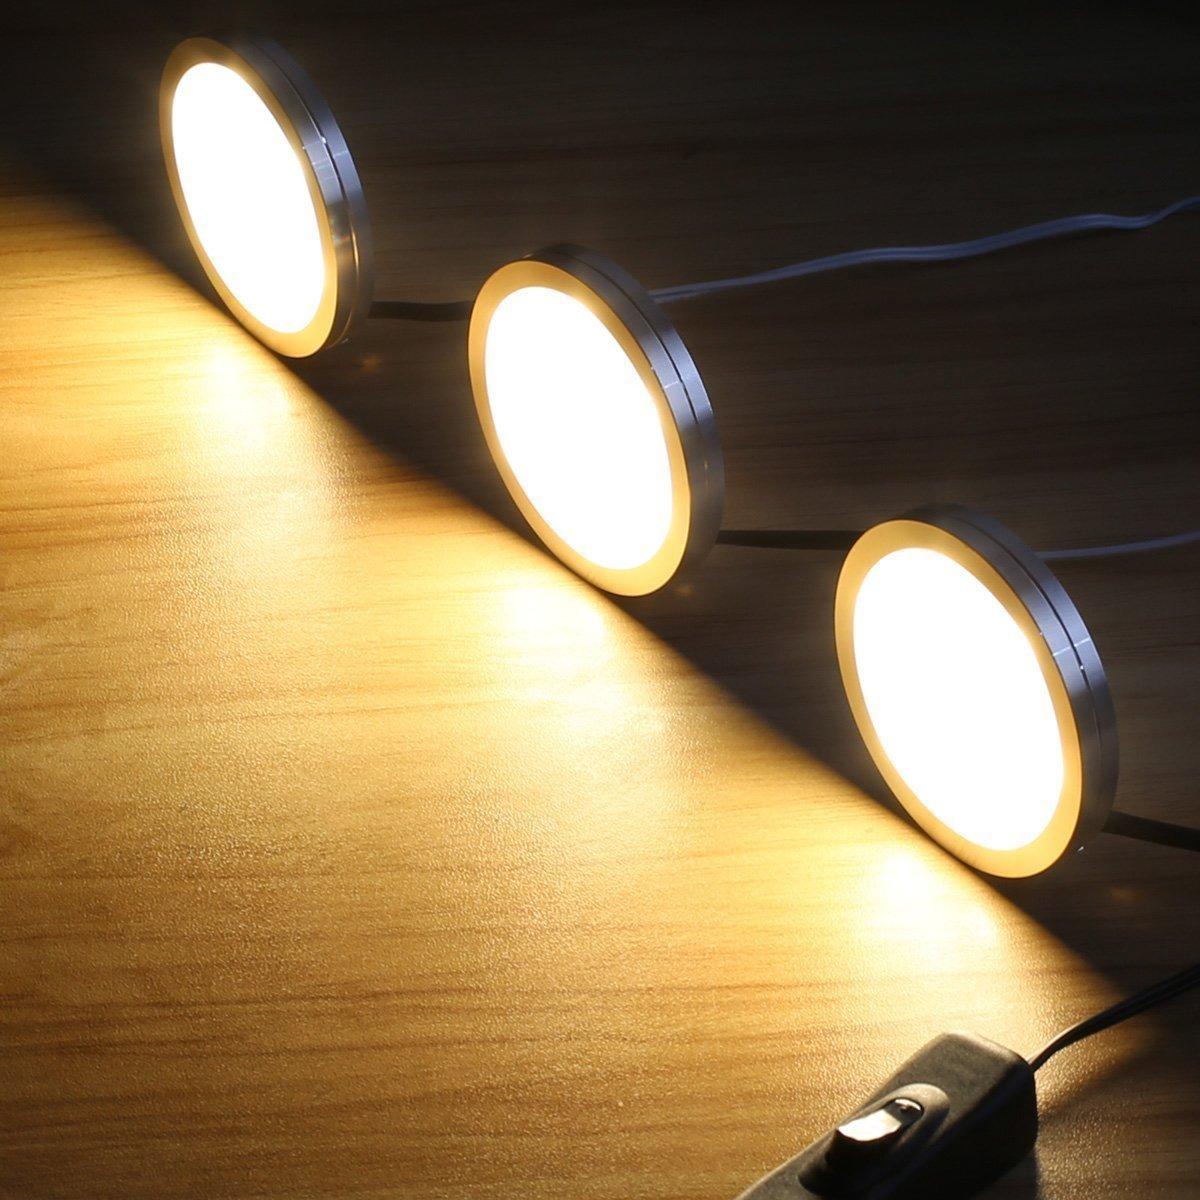 Le Led Under Cabinet Lighting Kit 510lm Puck Lights 3000k Warm